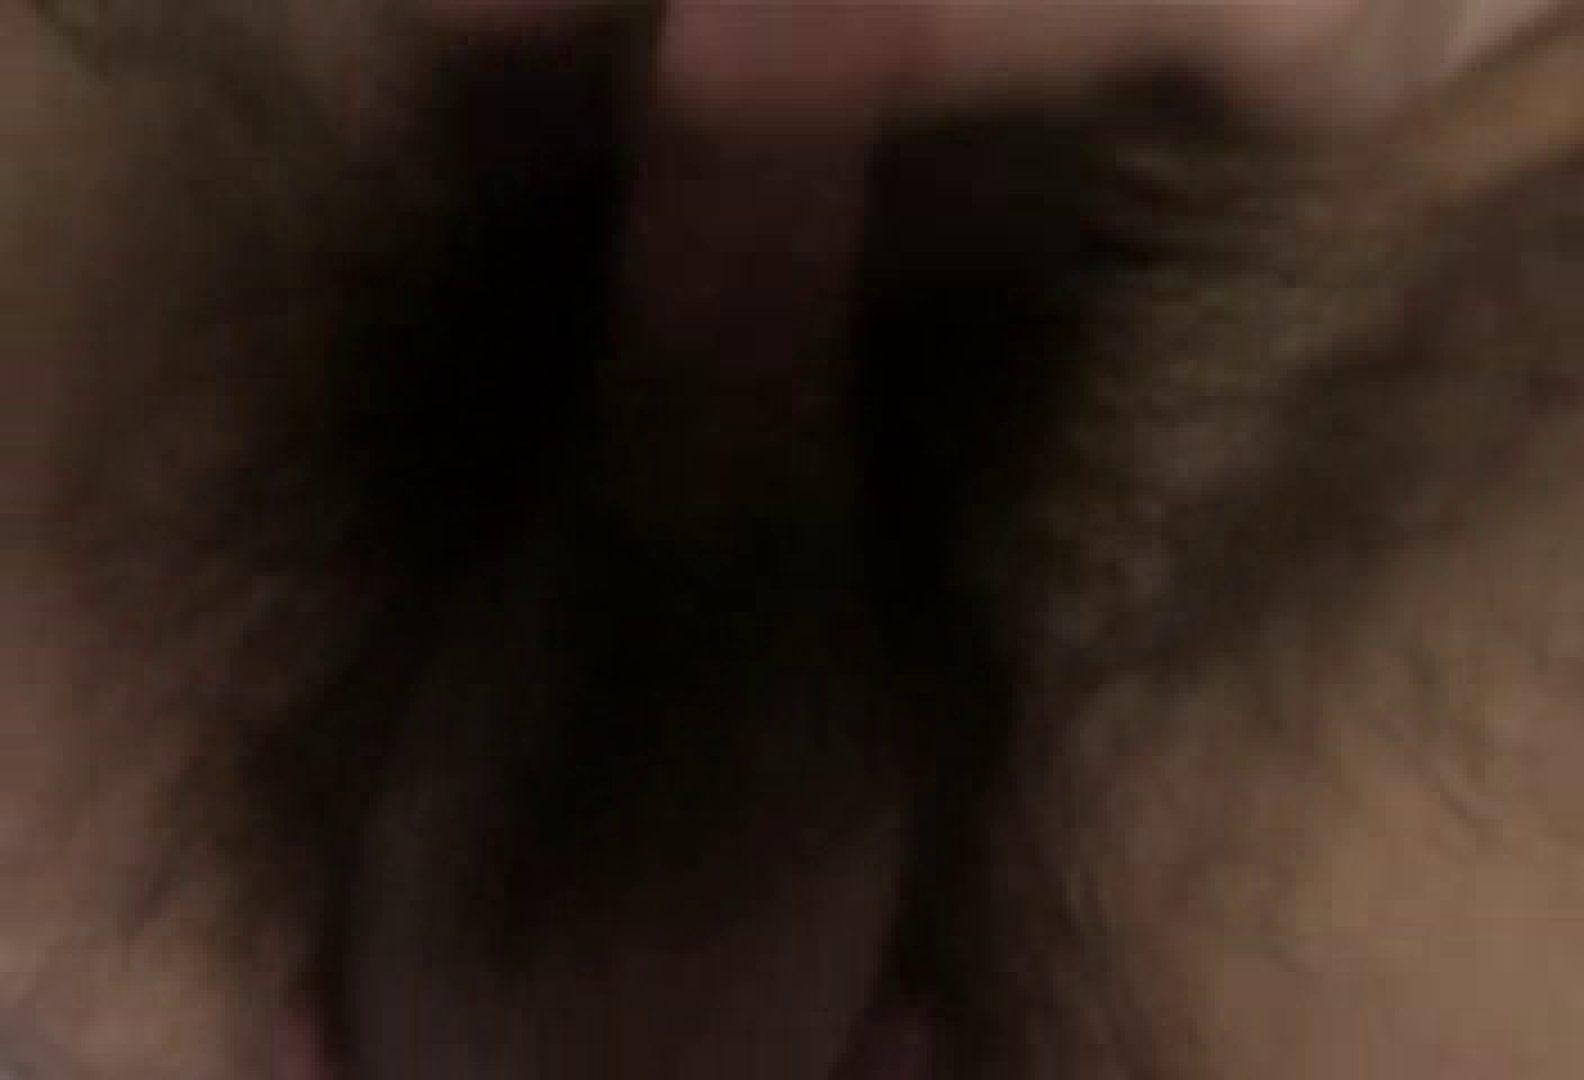 アイマスクでおもいっきり性感帯!!vol.03 落とし前 ゲイ無修正ビデオ画像 84pic 42